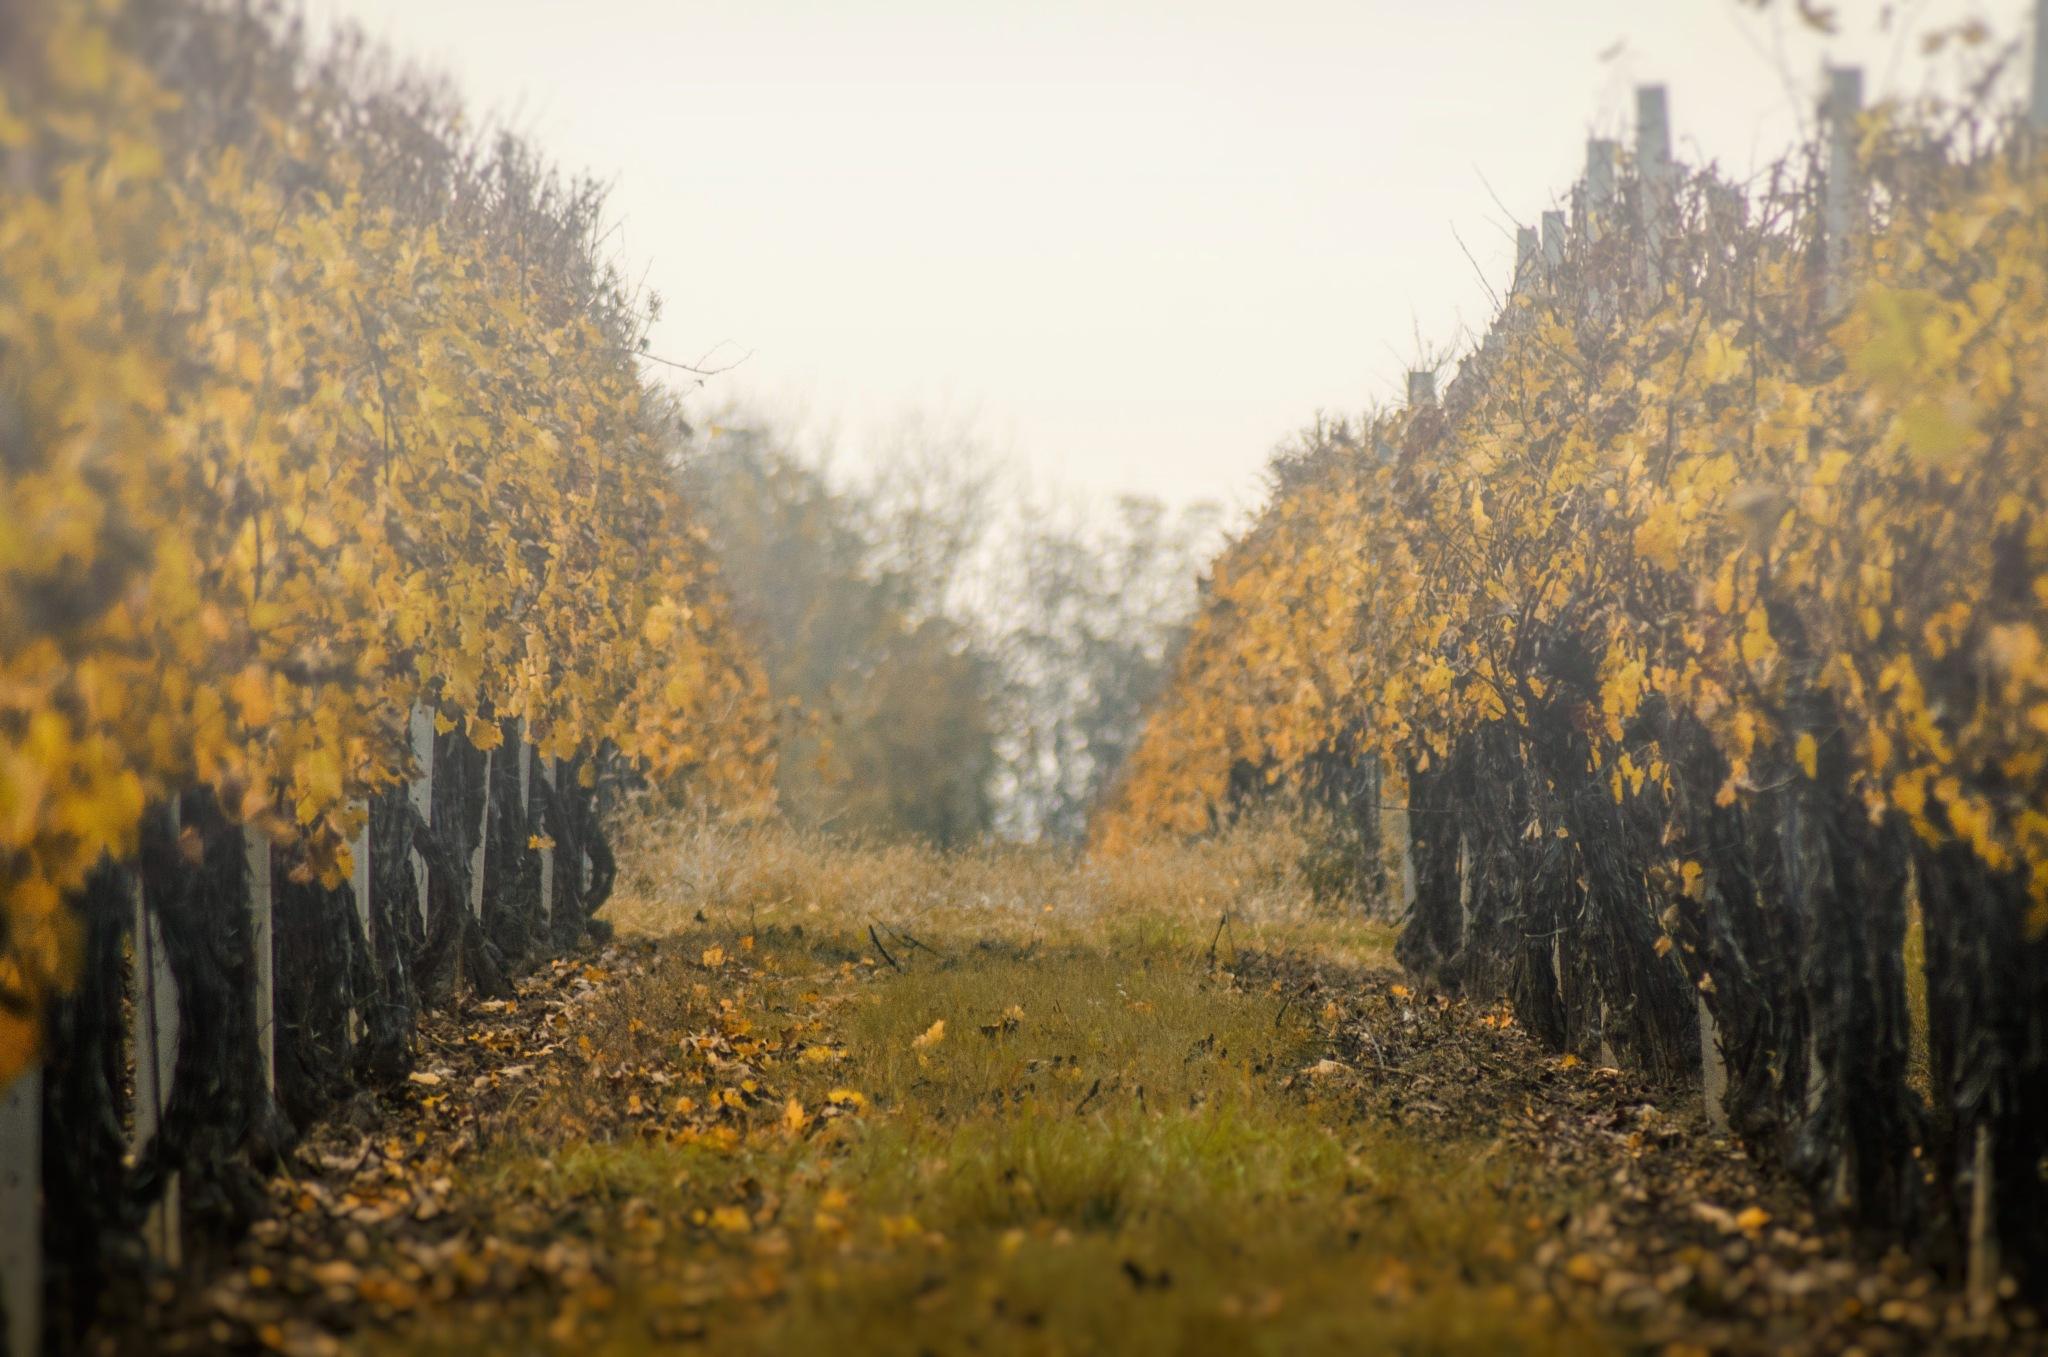 Vineyard in the mist by Nenad Milic